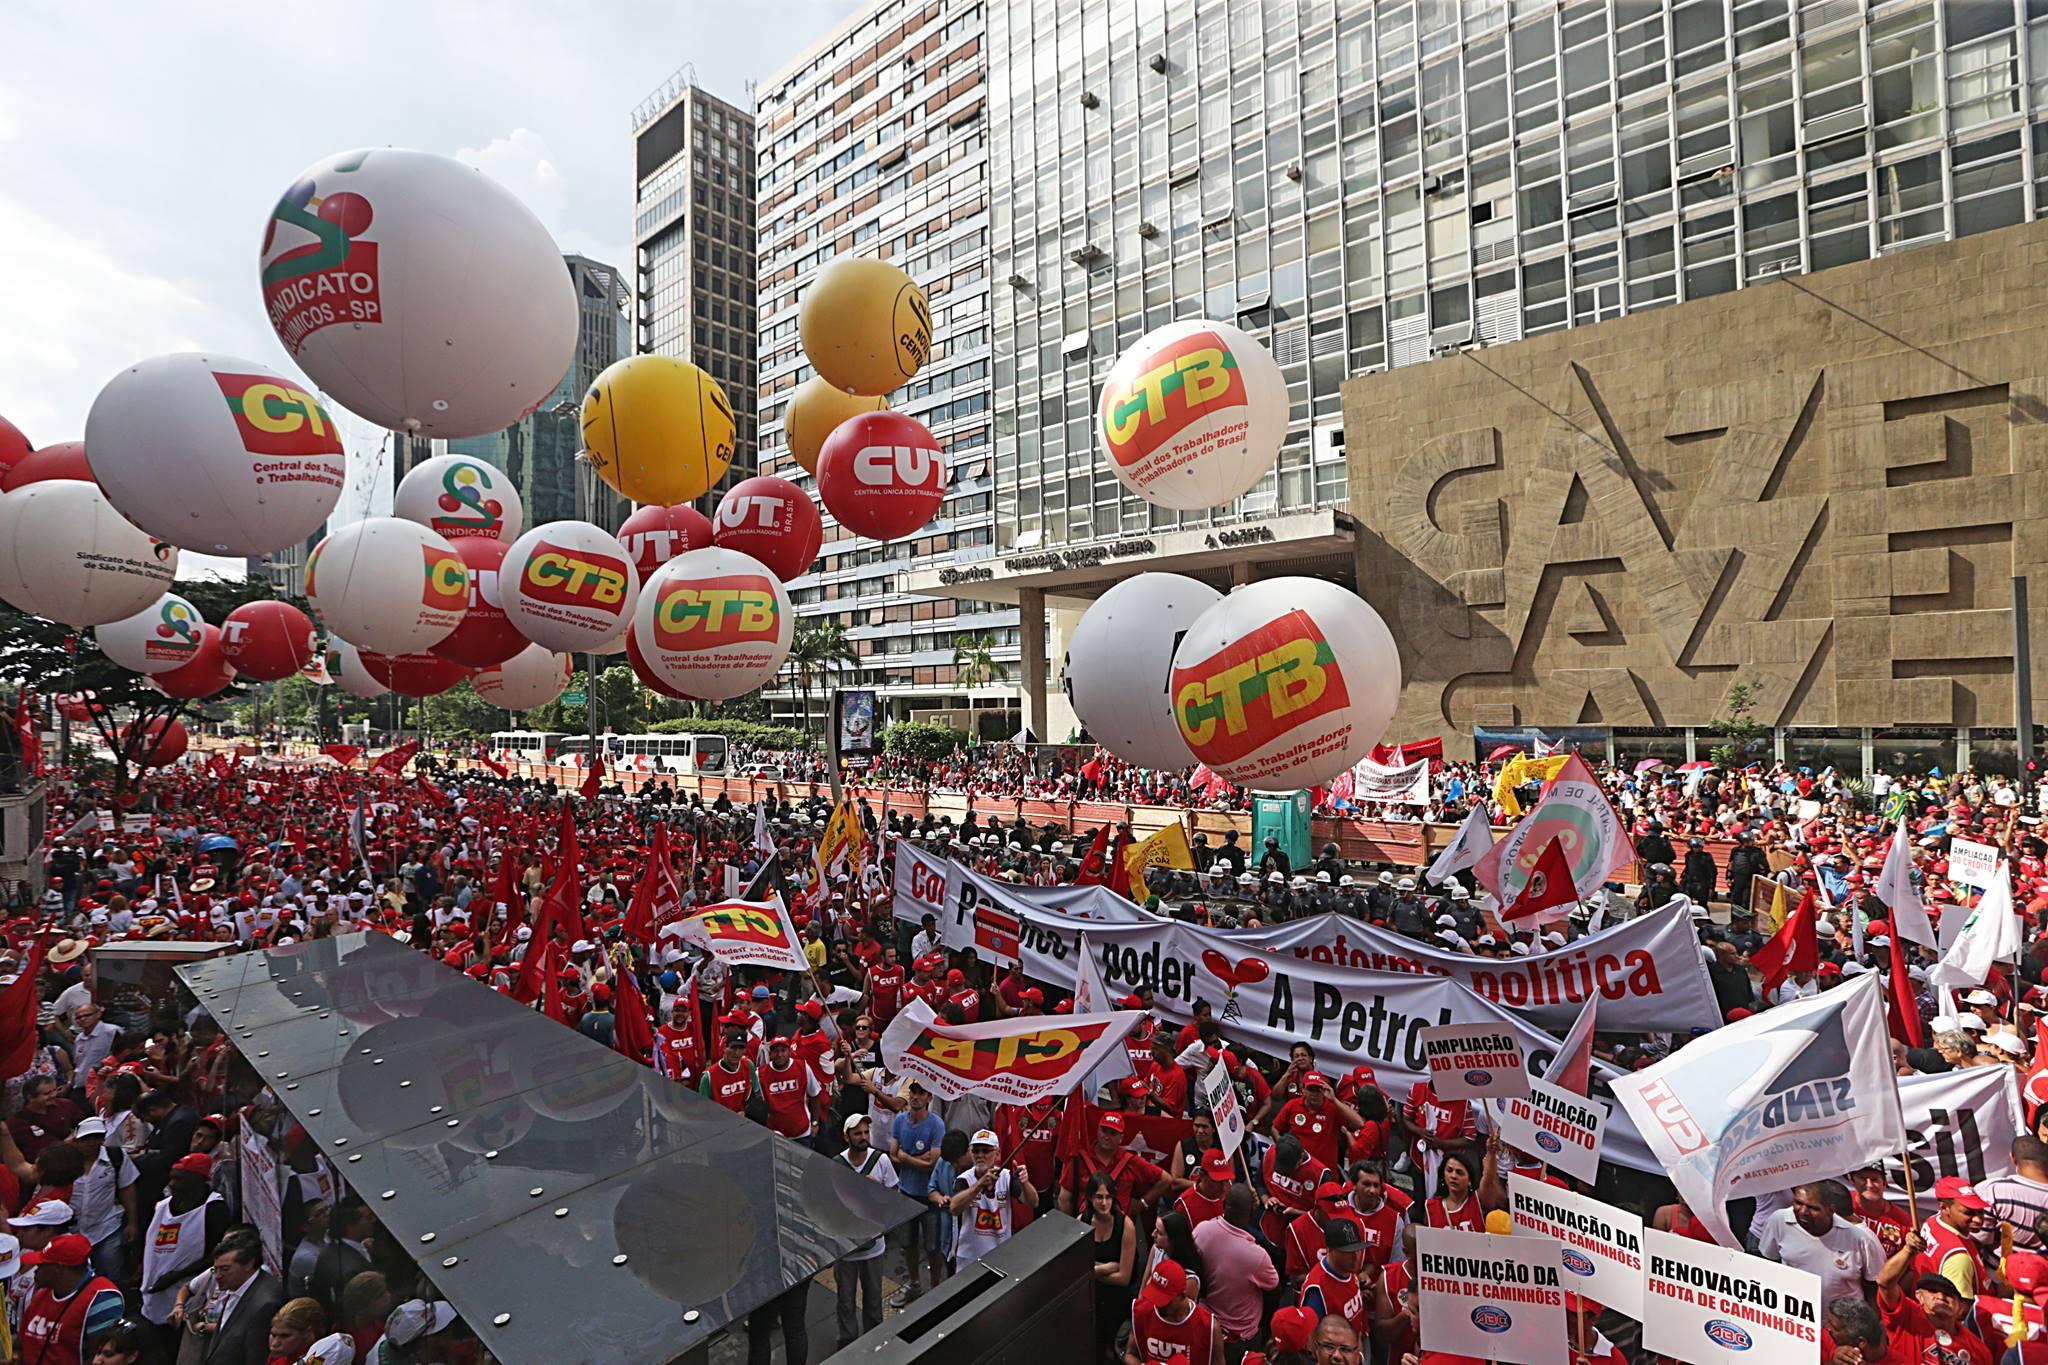 Movimentos Populares prepara um ato a favor da liberdade, da democracia e dos direitos